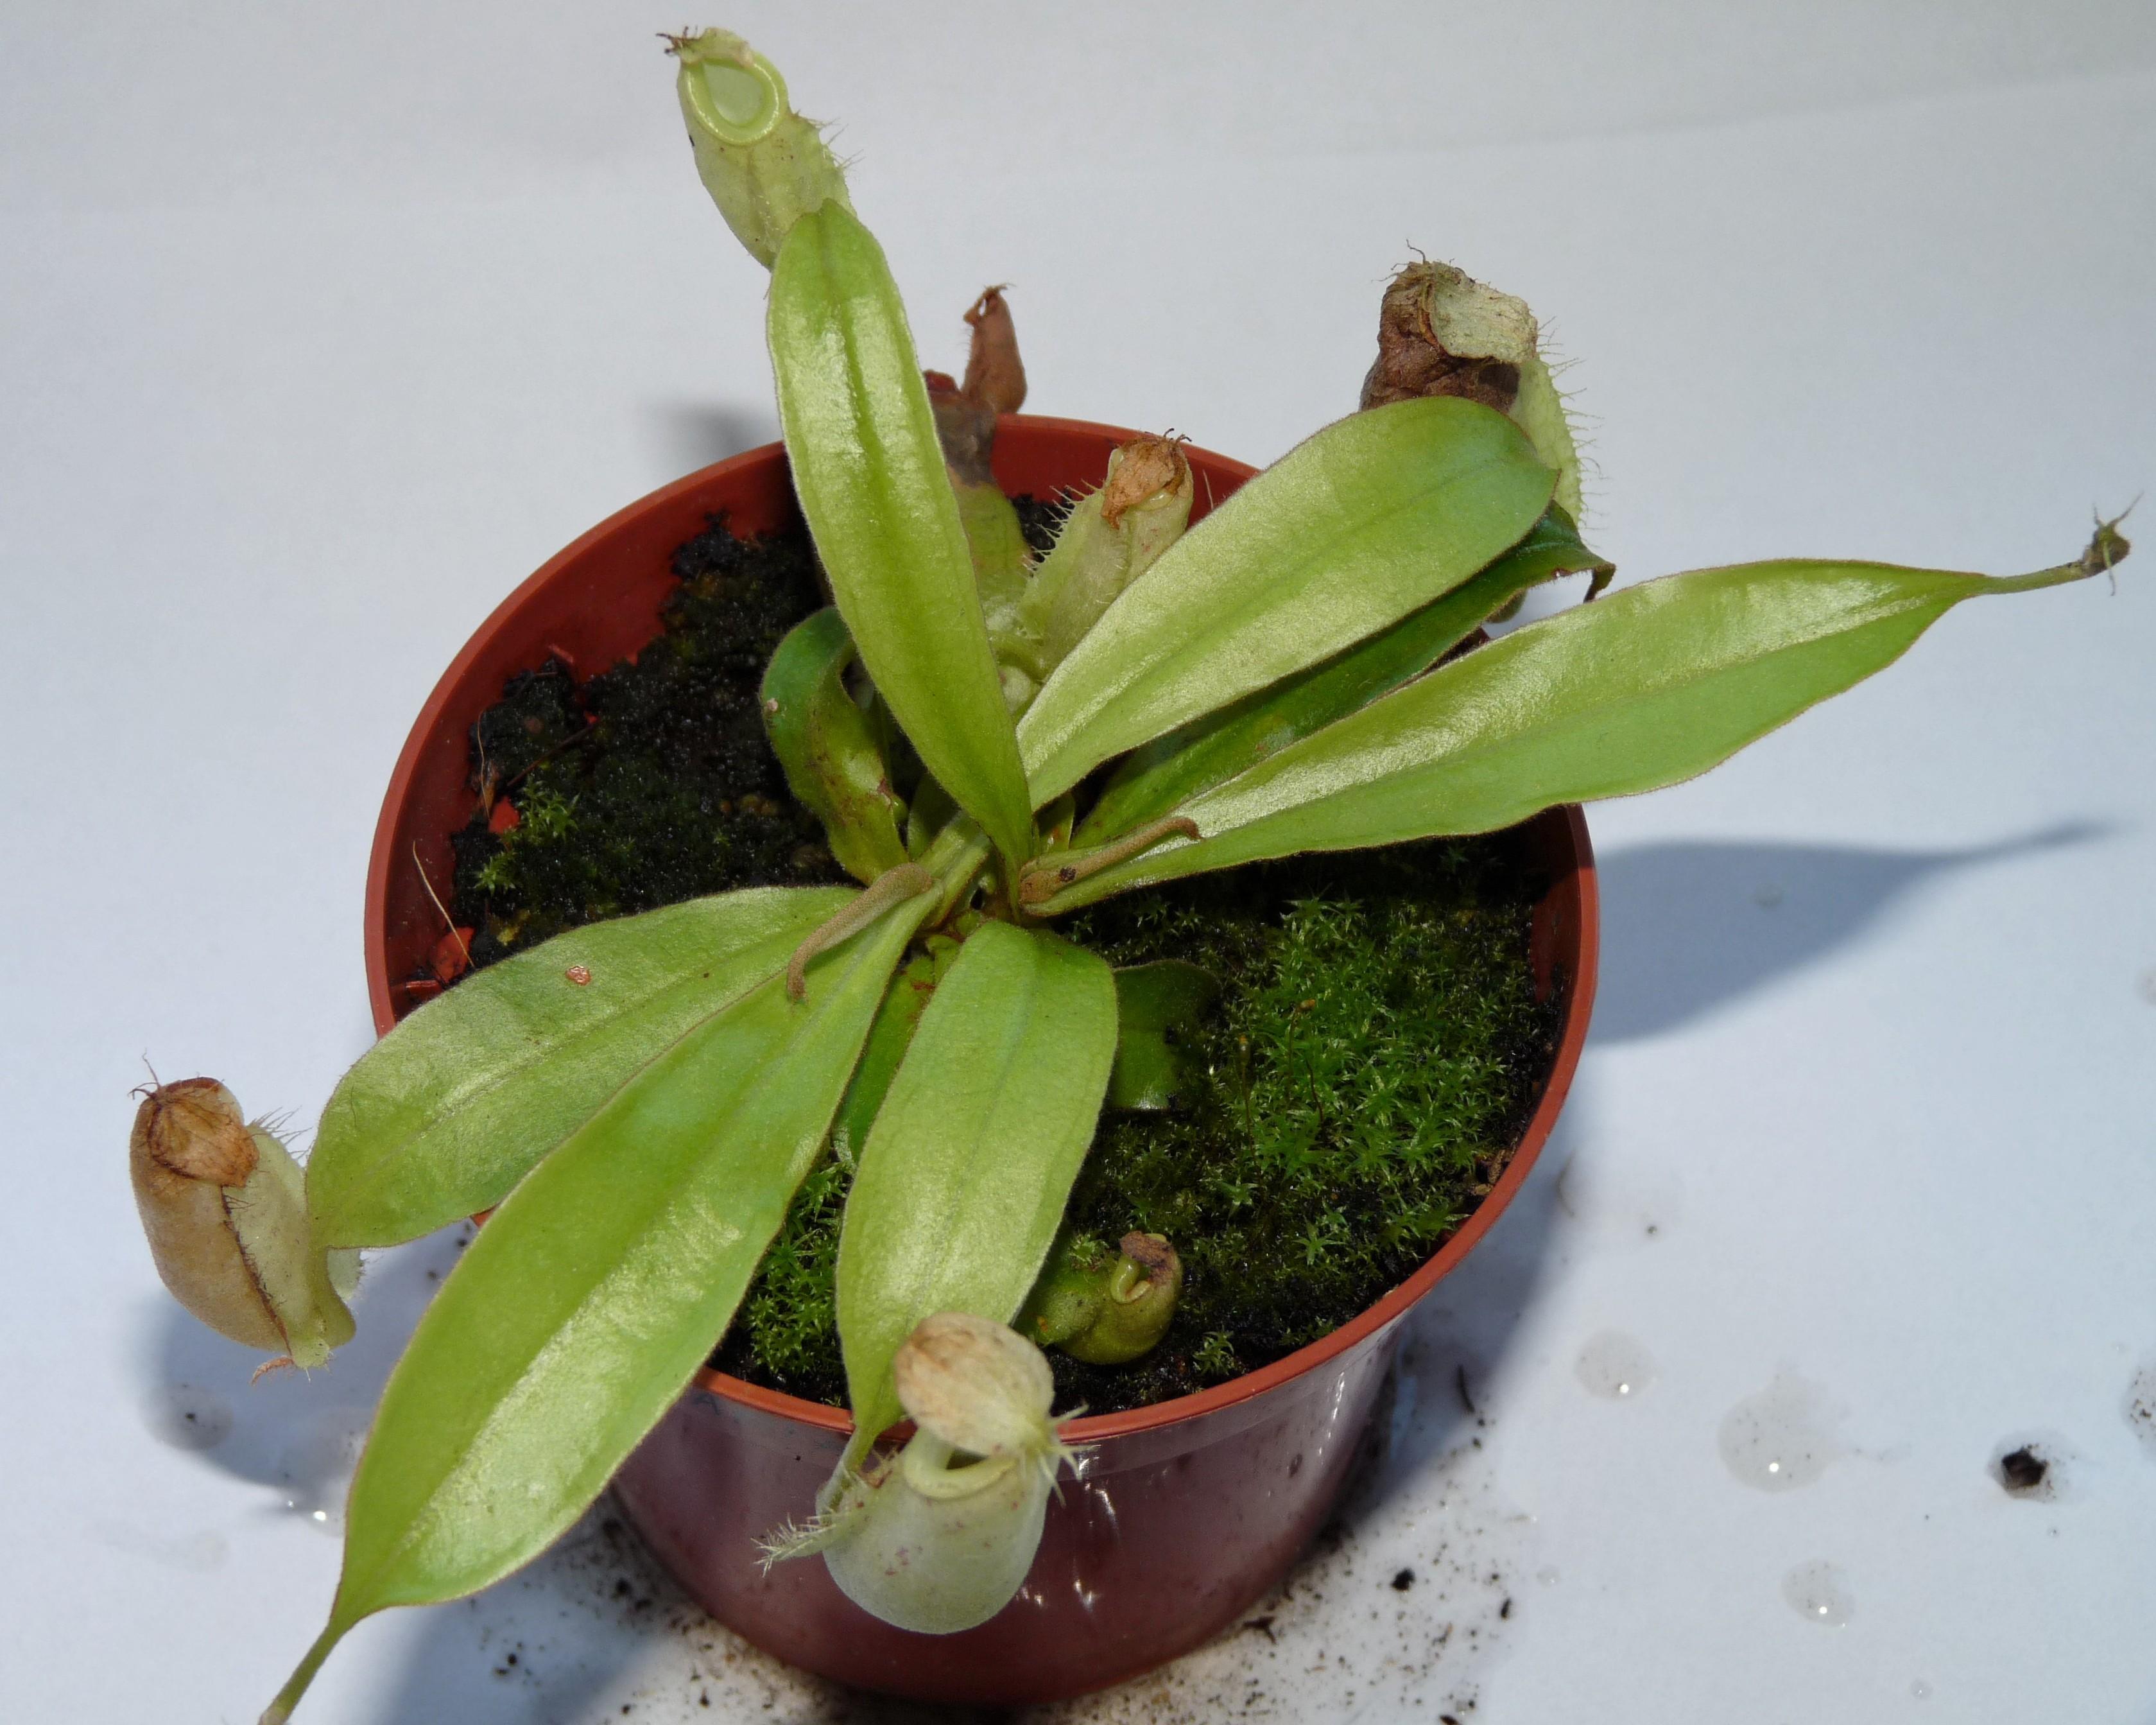 Nepenthes Ampullaria 2